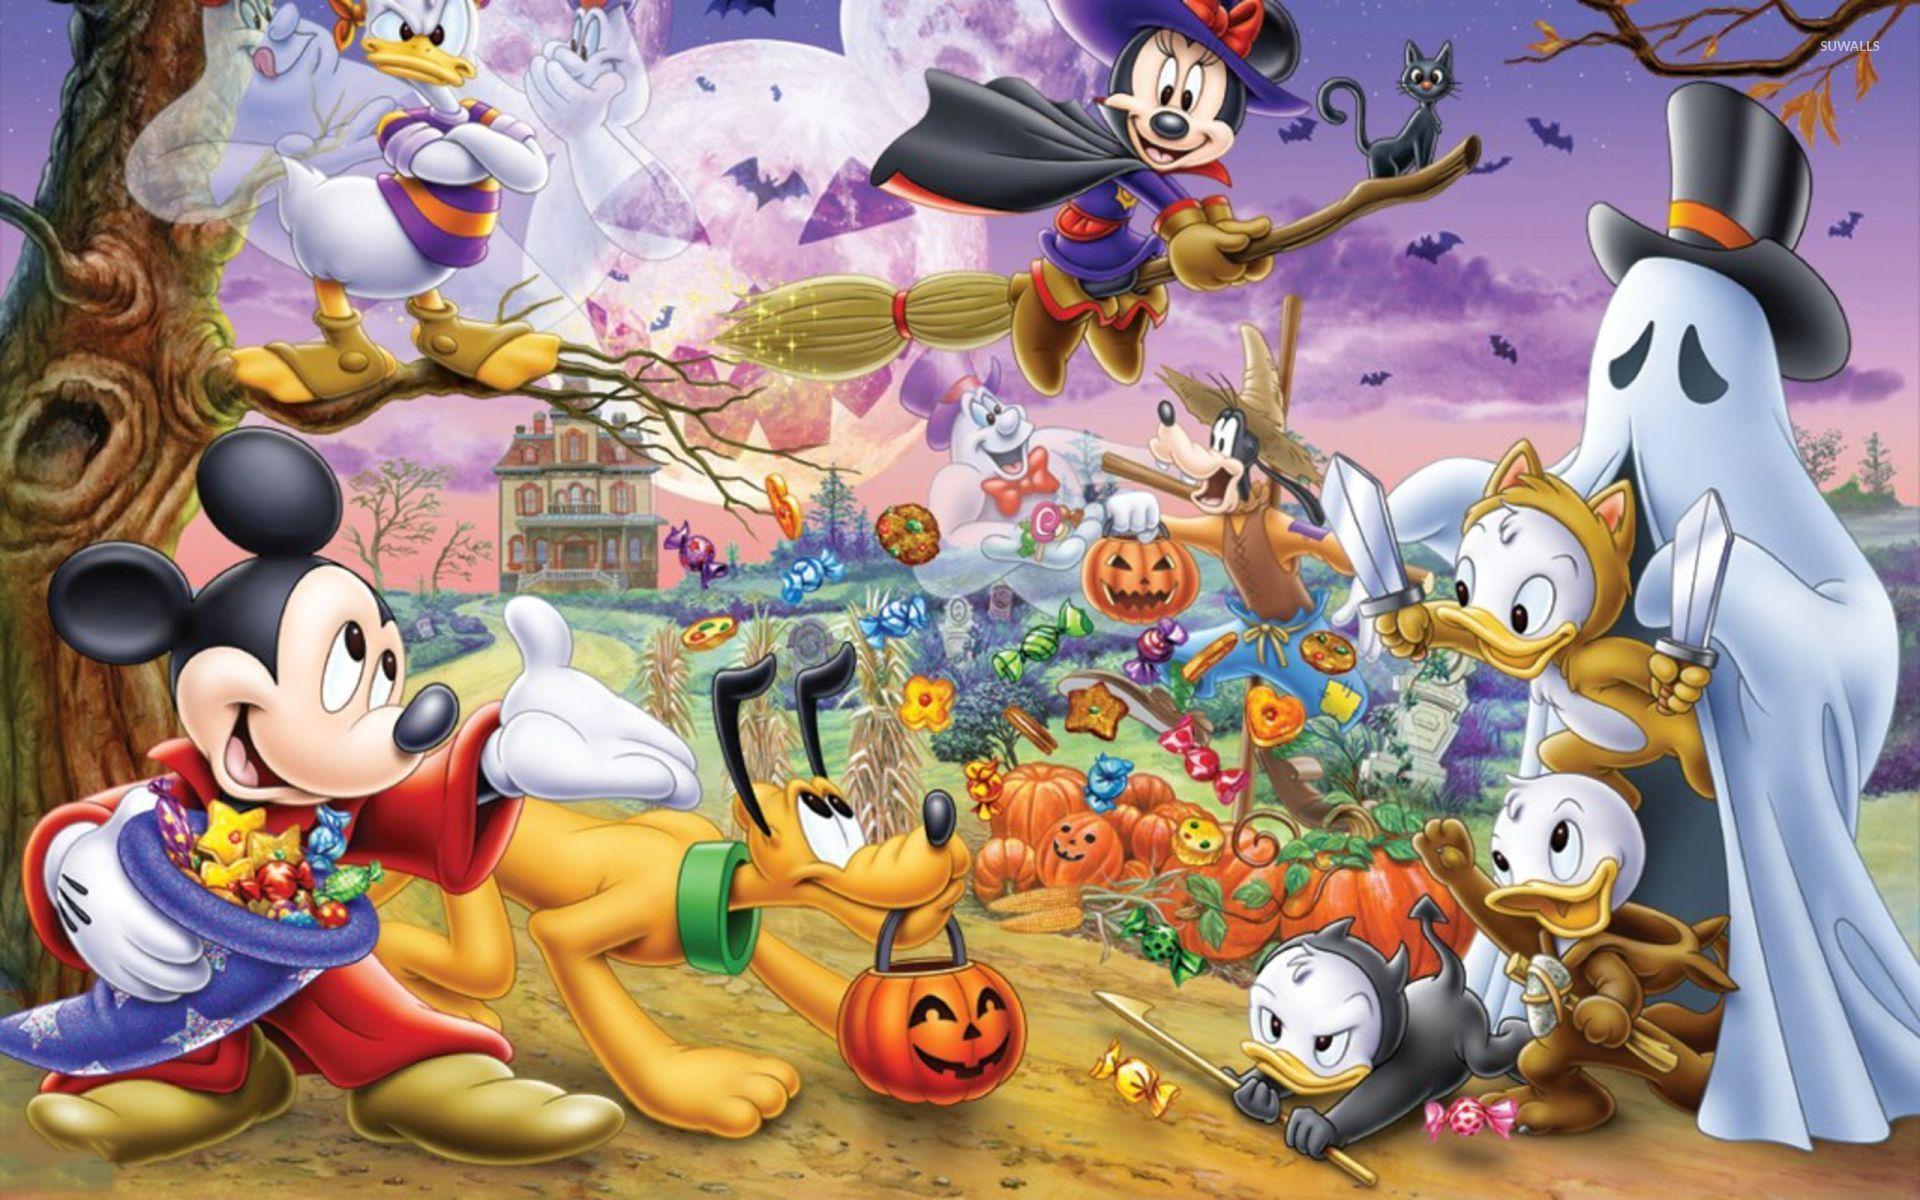 Disney's Halloween wallpaper - Cartoon wallpapers - #48438